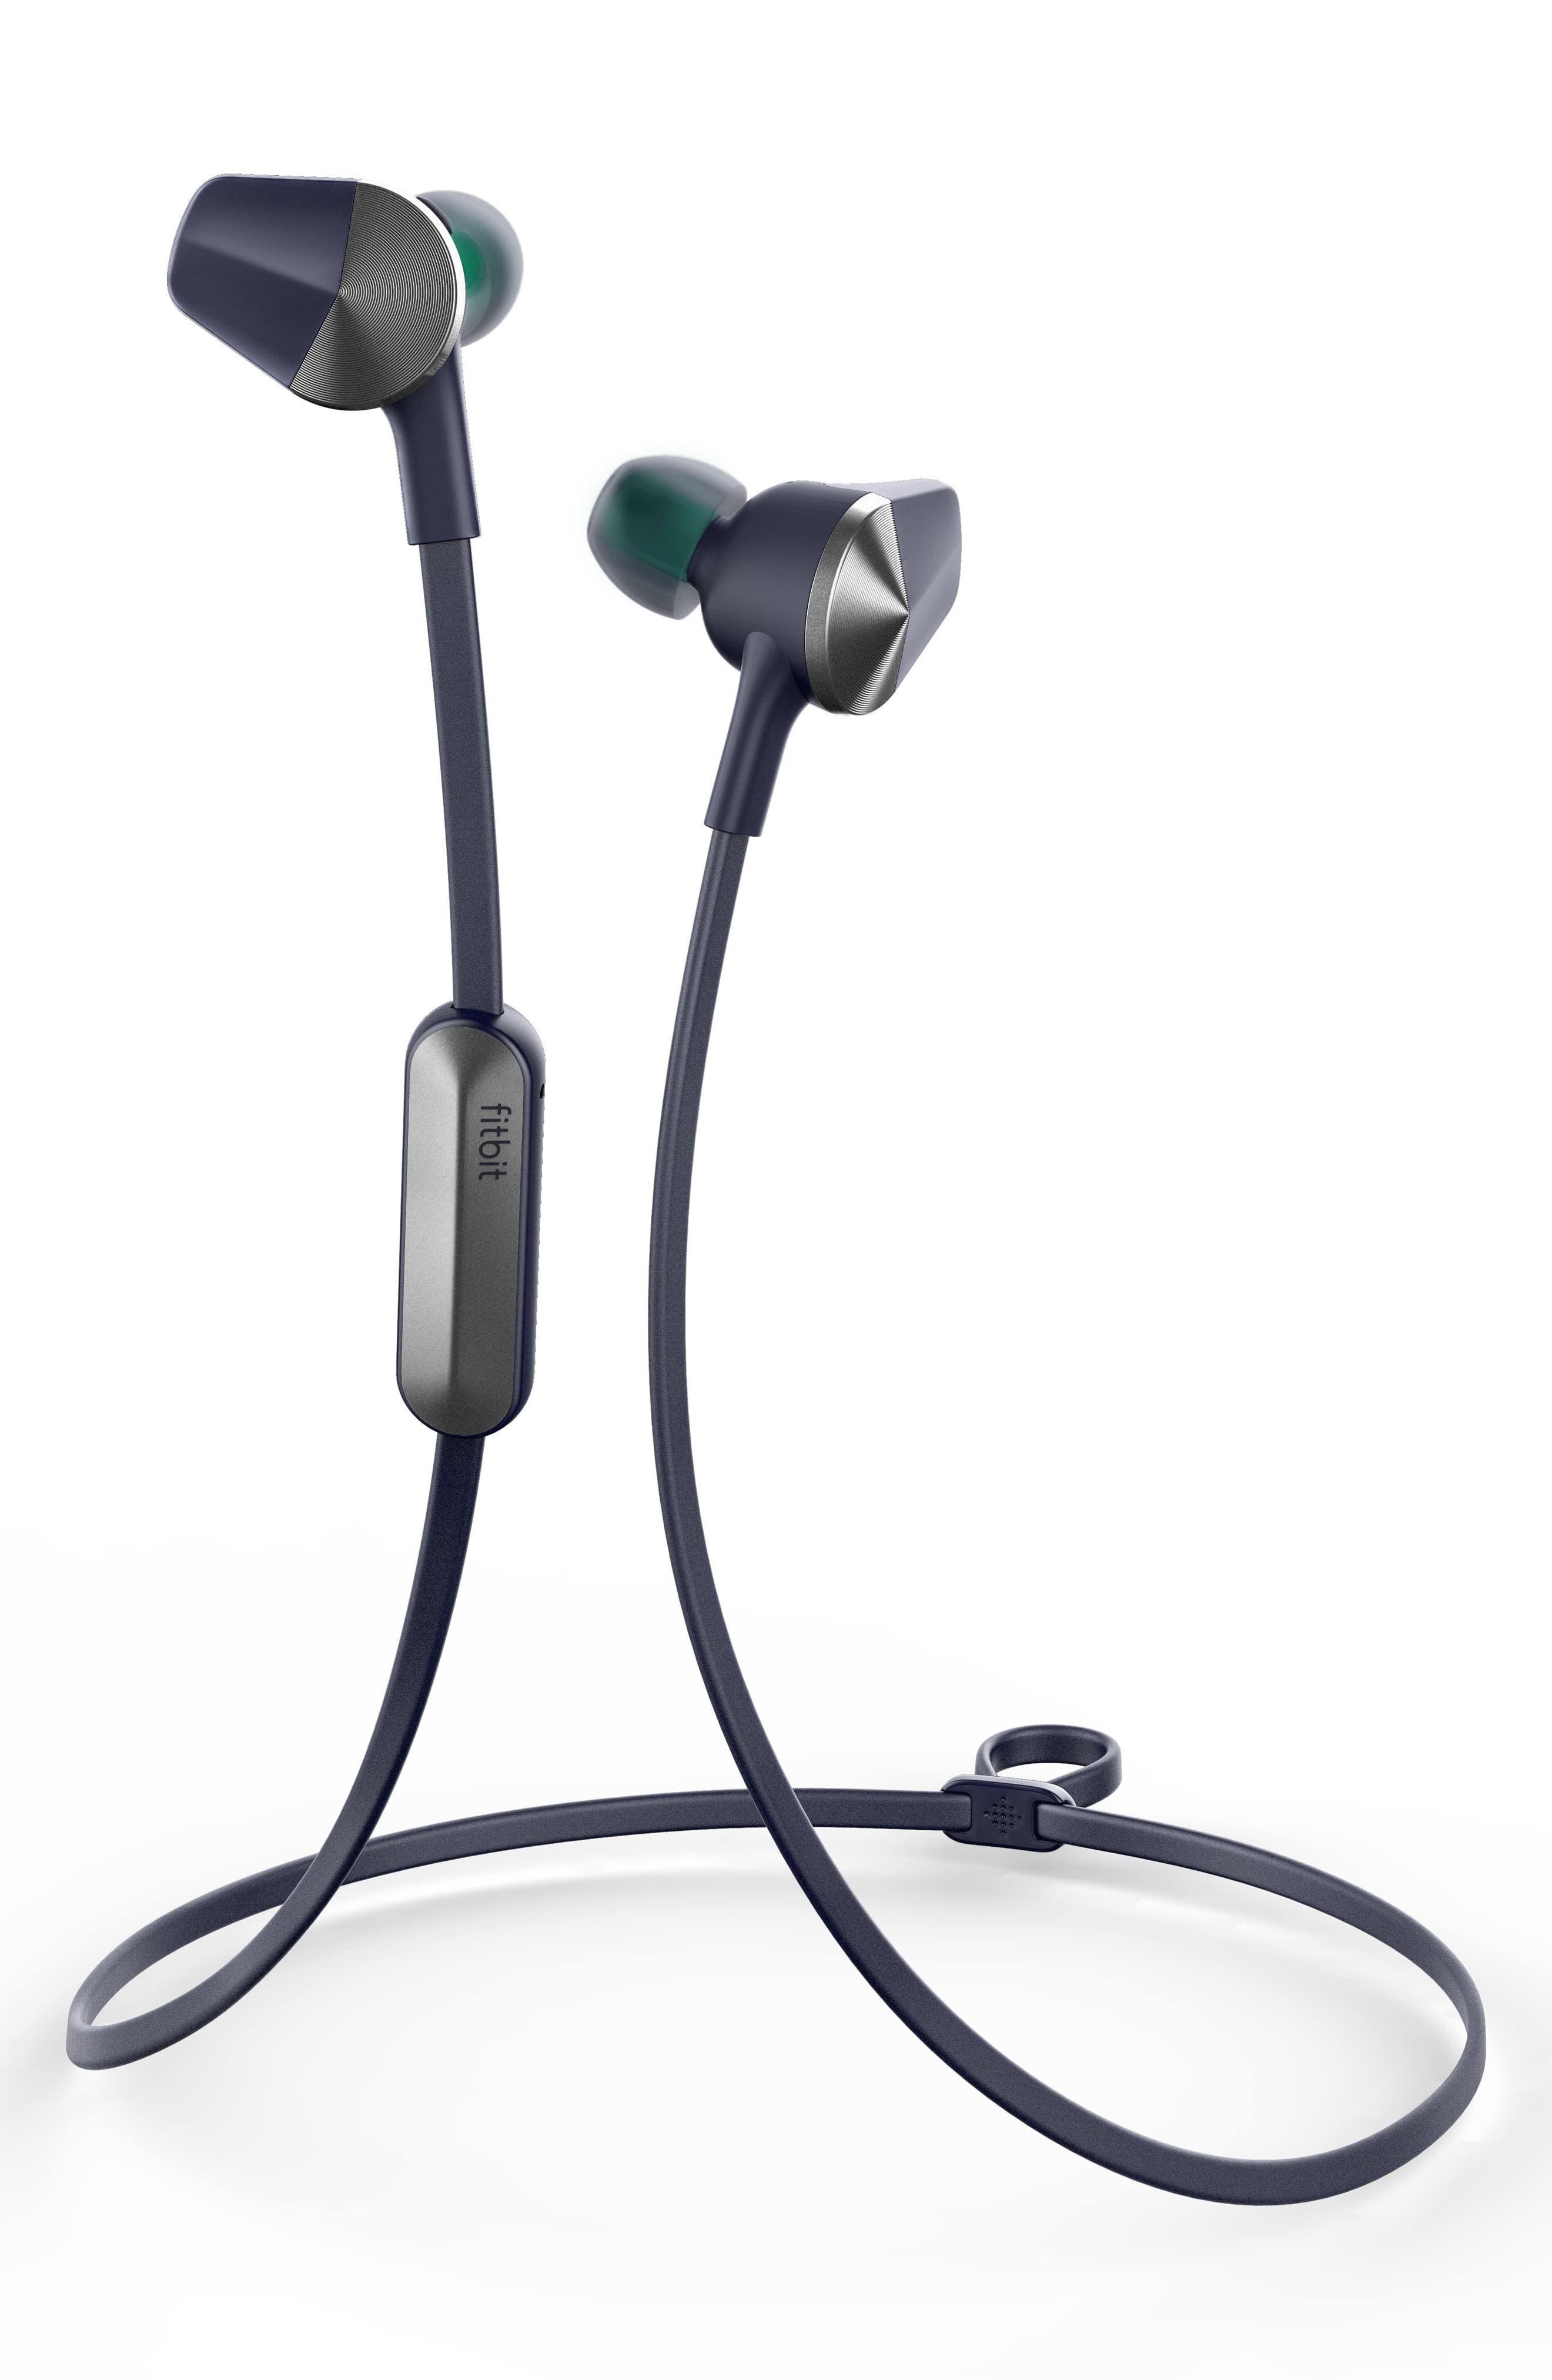 Fitbit Flyer Wireless Earbuds